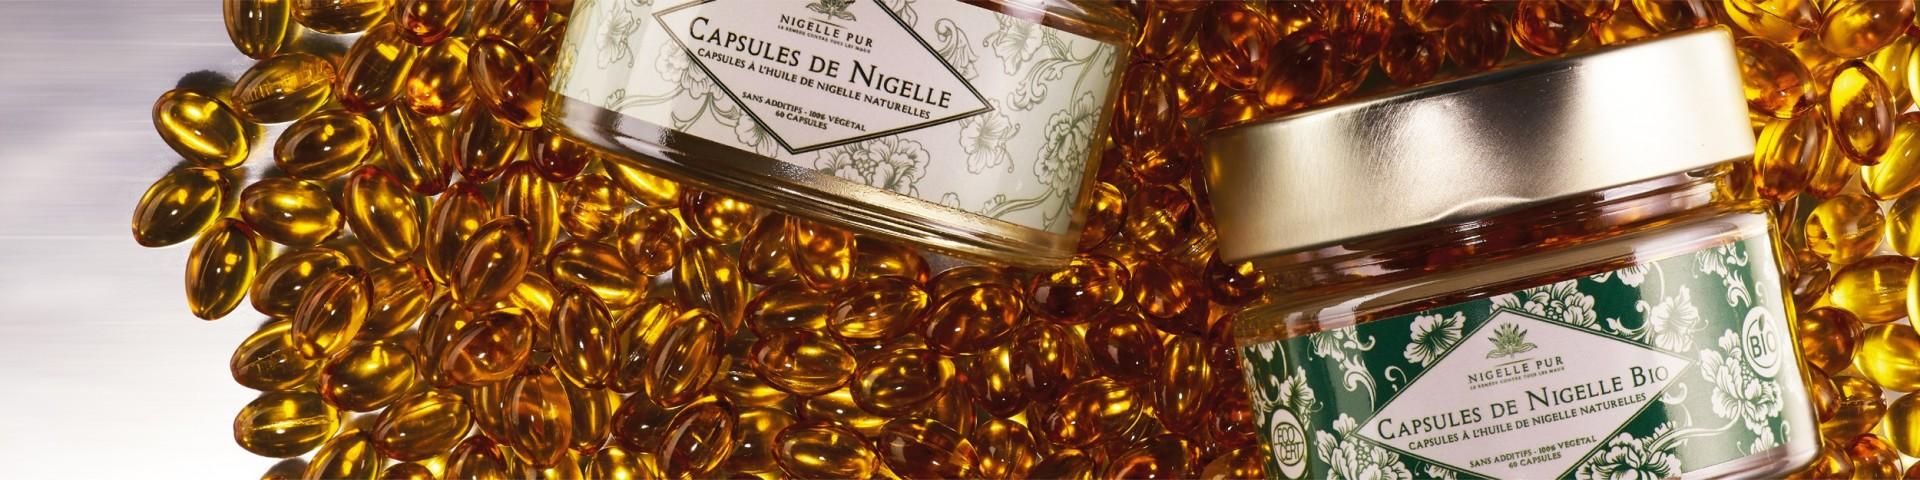 Découvrez notre gamme de capsules à base de nigelle de pure qualité